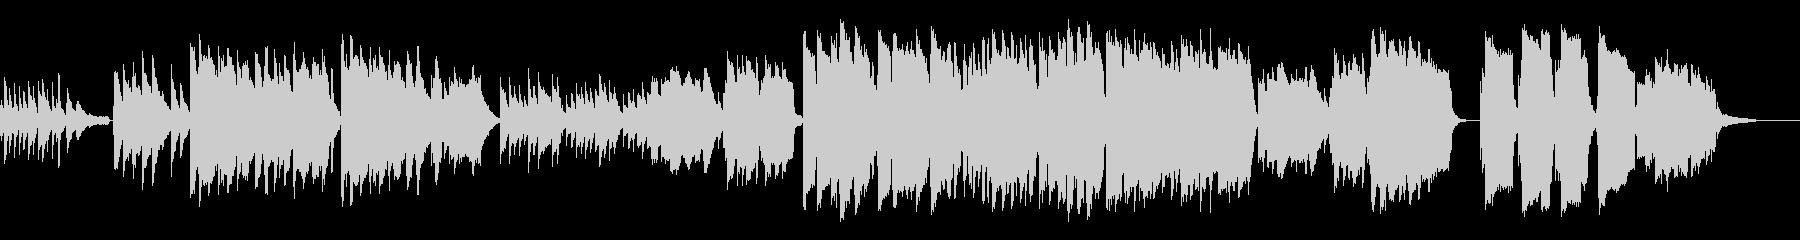 J-POP風のメロディ、インストバラードの未再生の波形